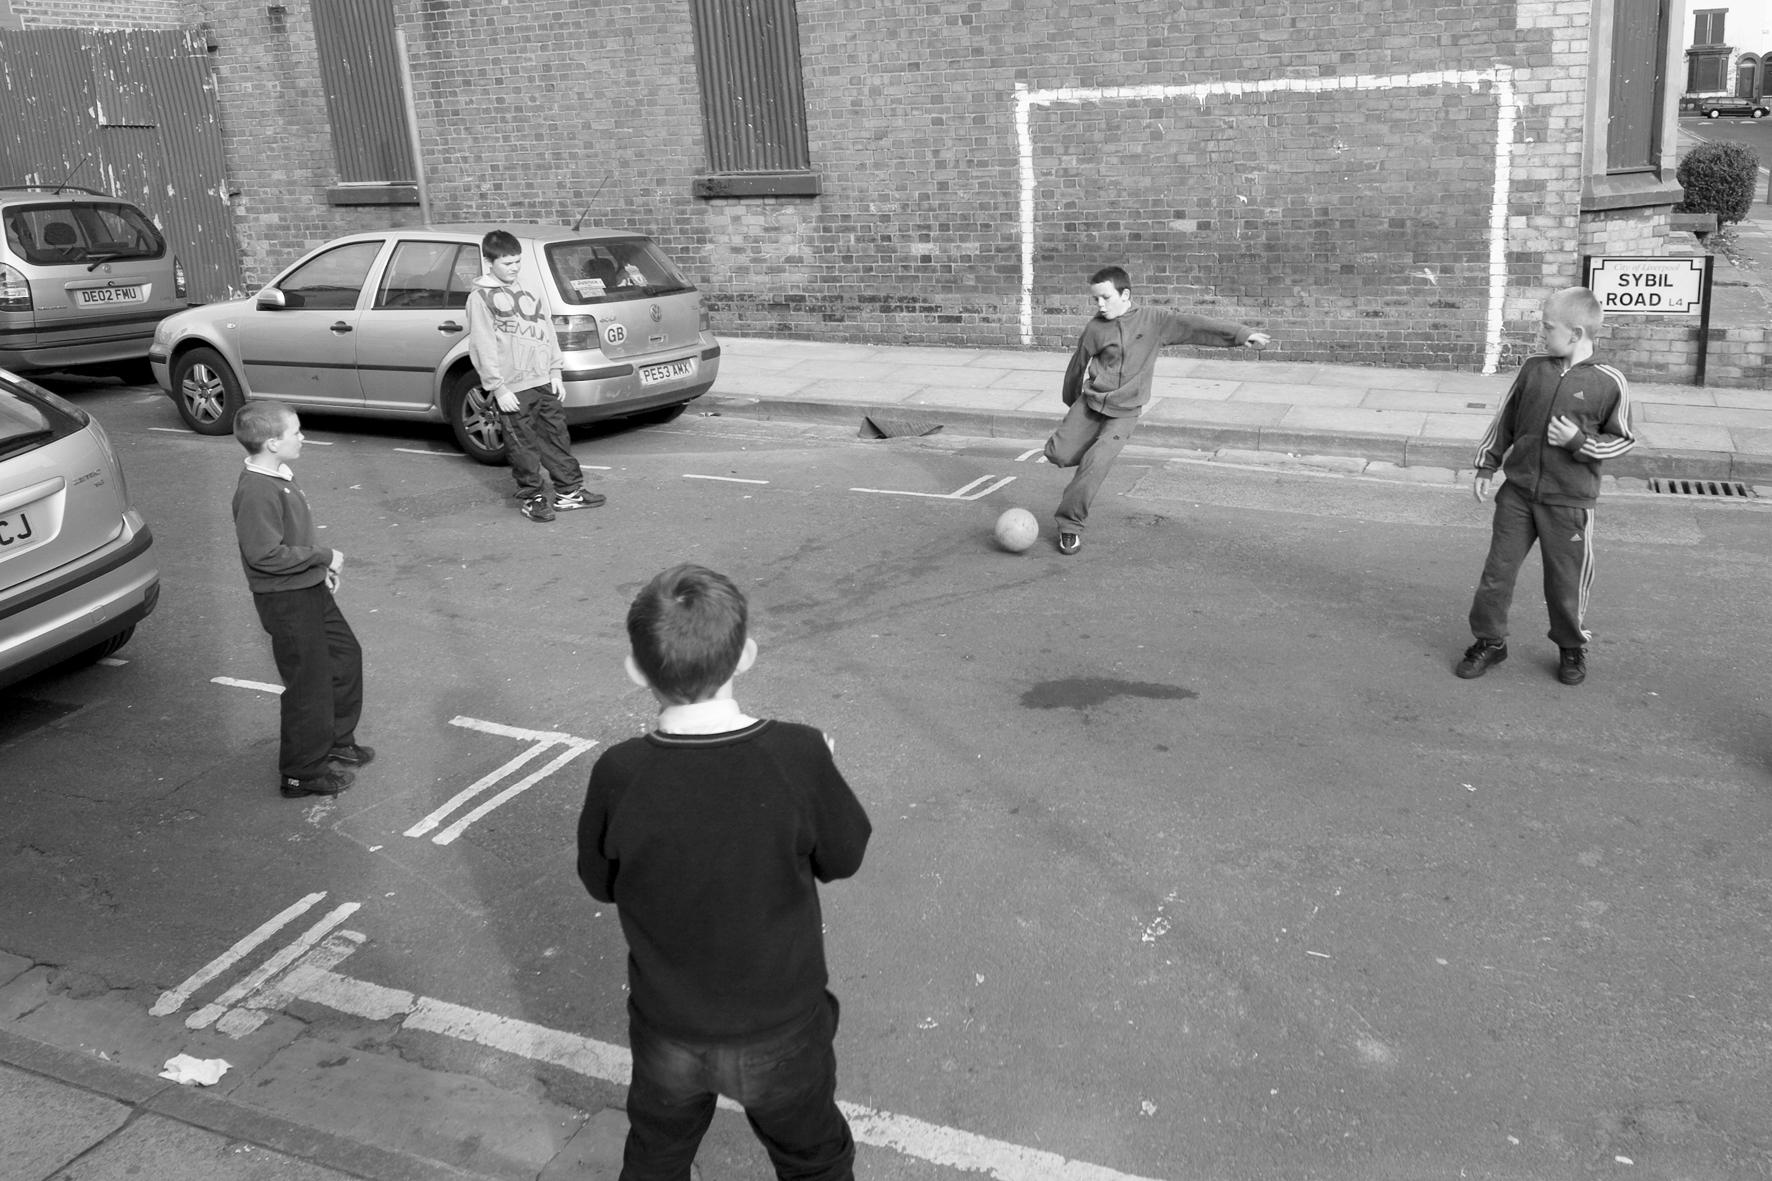 Partie de foot dans Sybil Road, près d'Anfield, Liverpool.